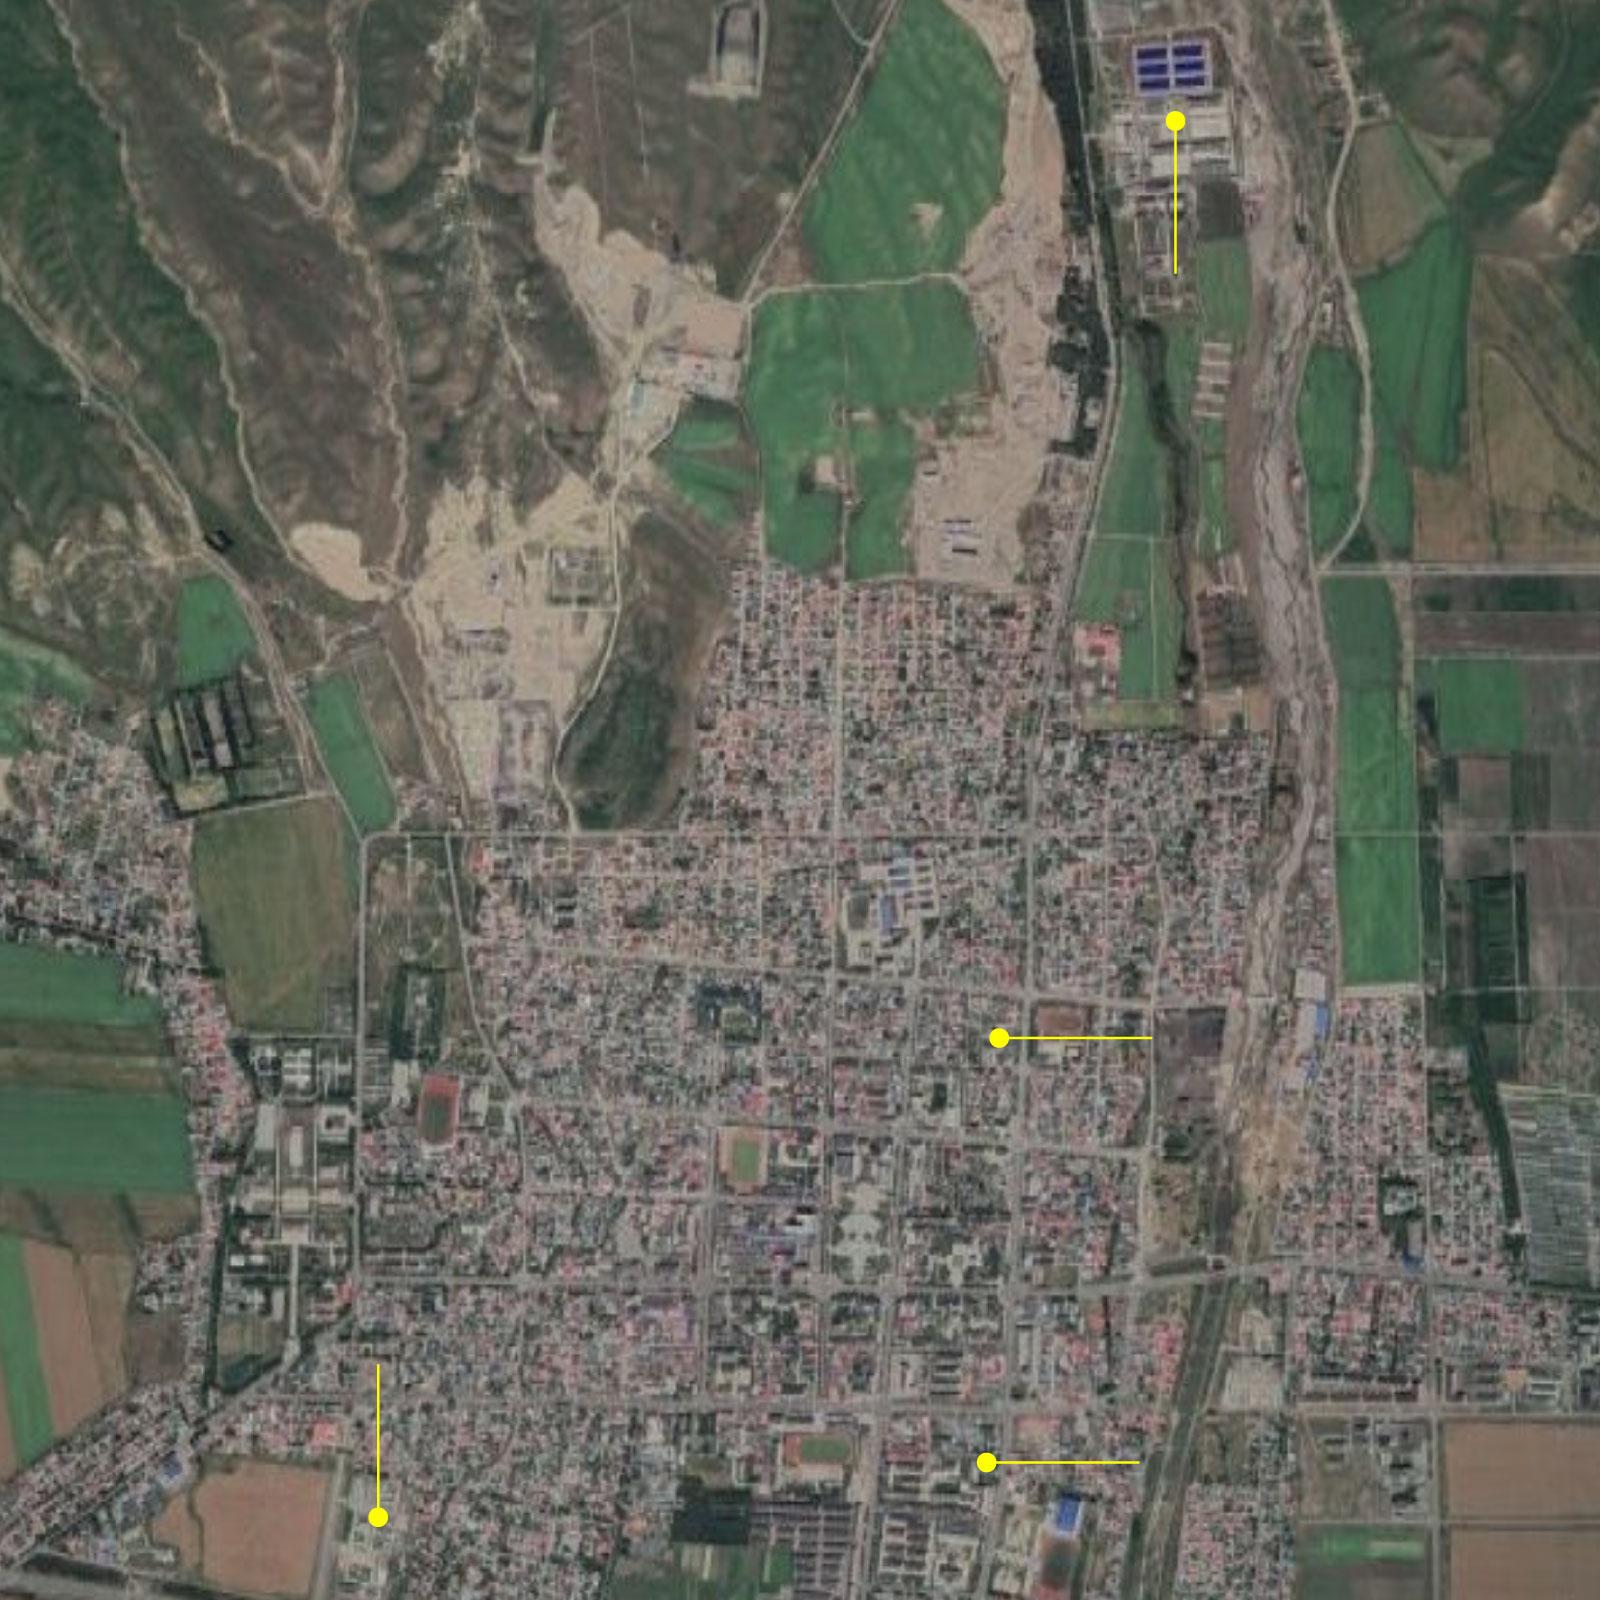 XIN xhaosu county